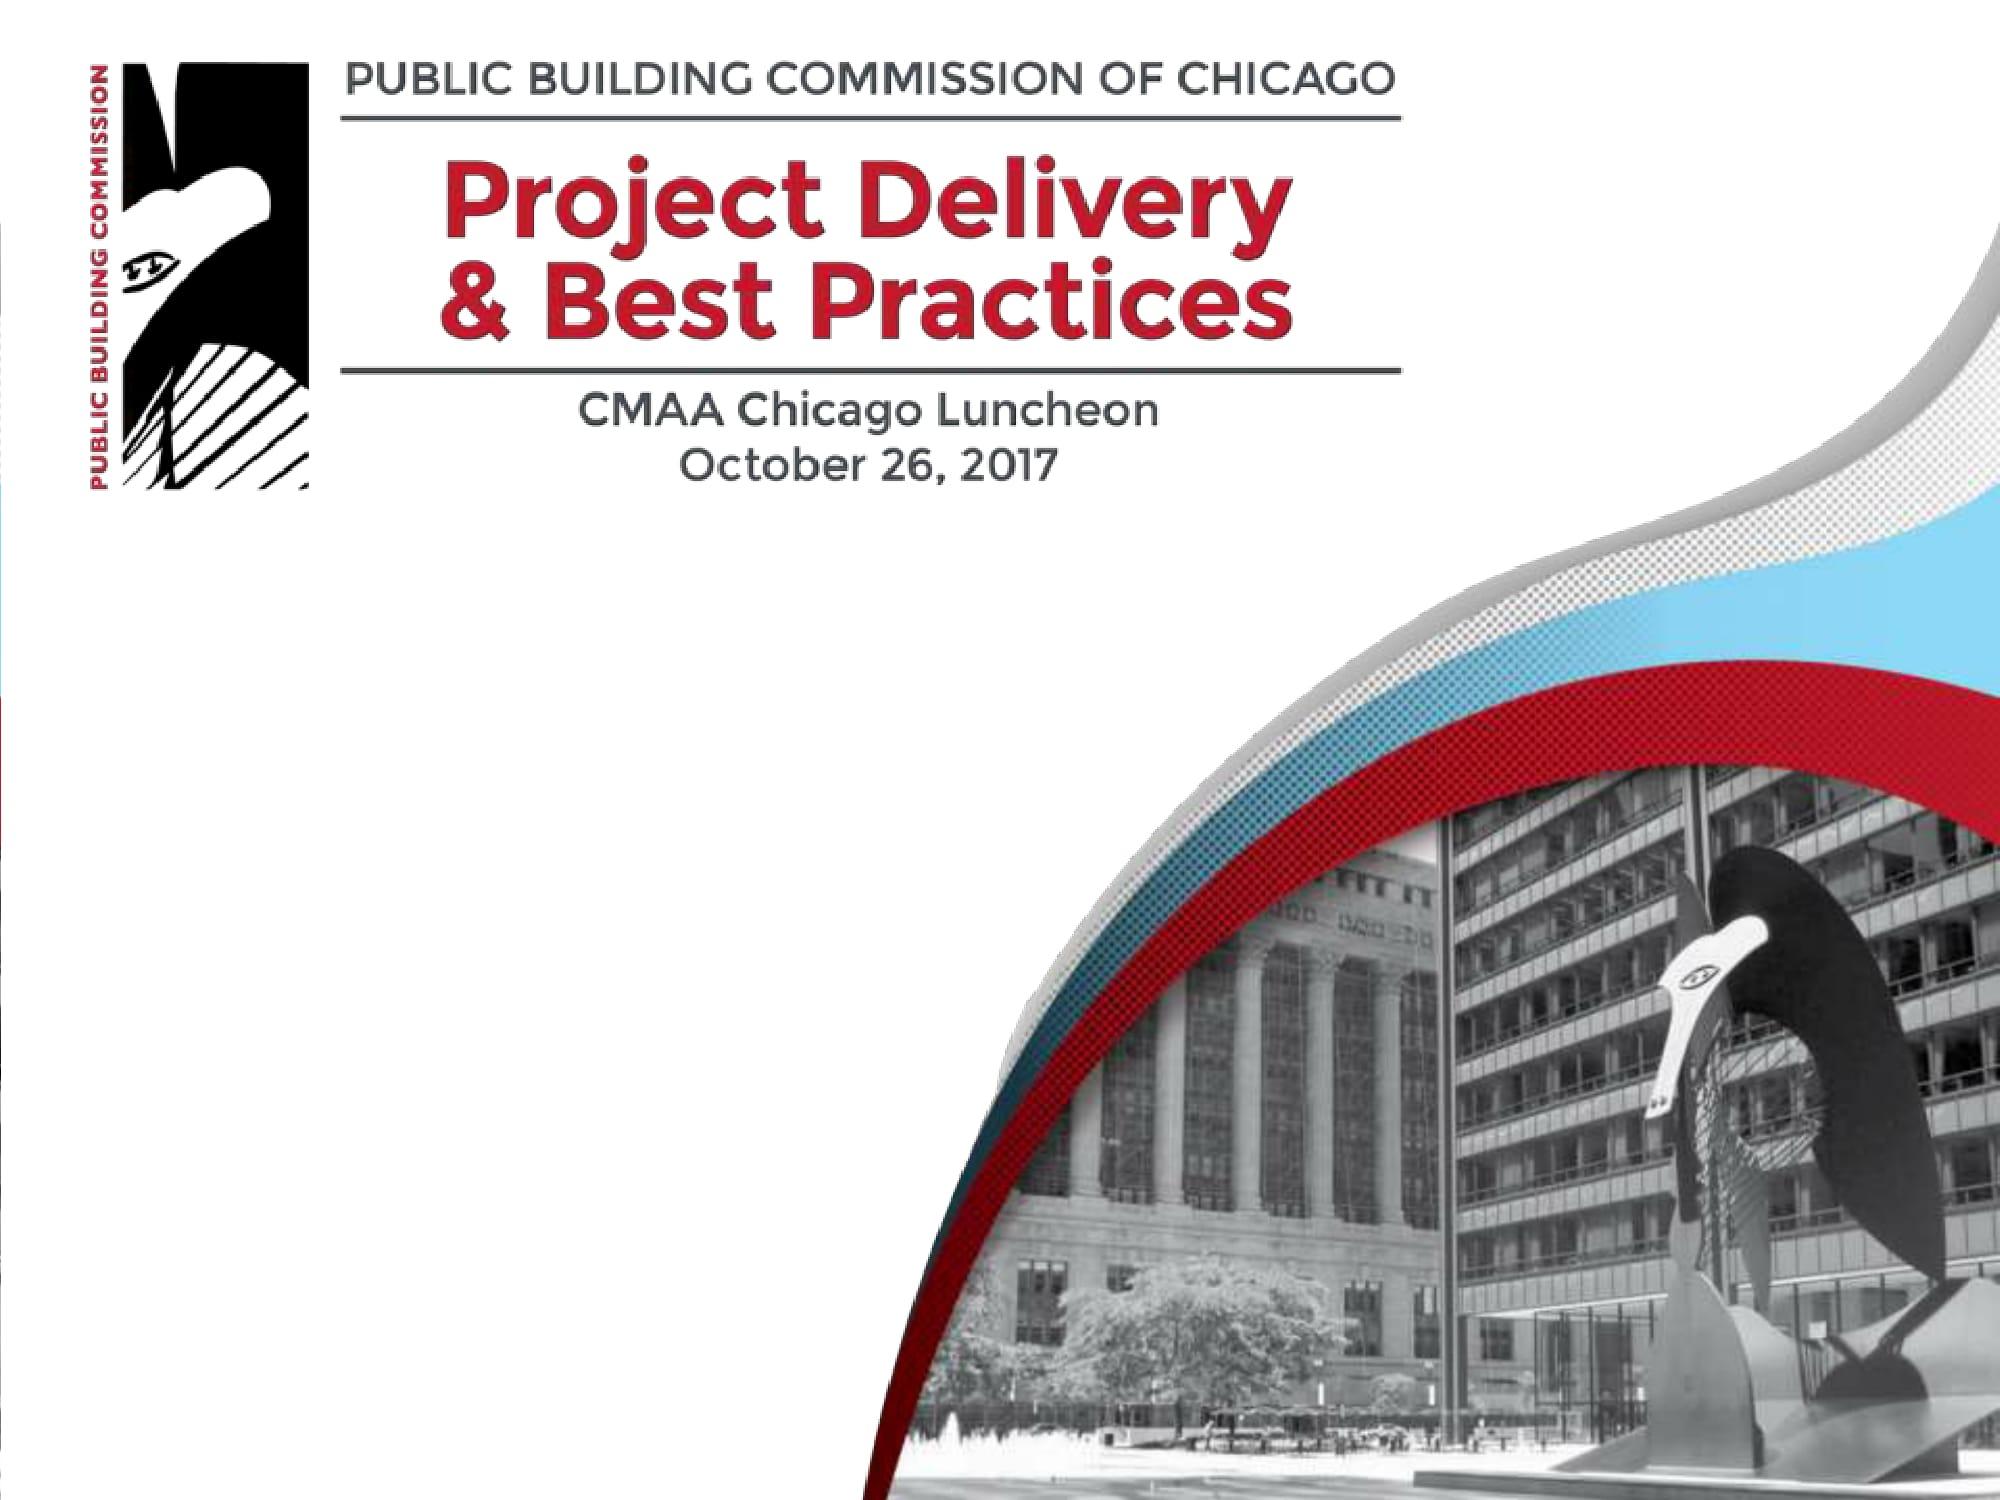 pptpbcajmpbc-best-practices20171026-171104030409-01.jpg